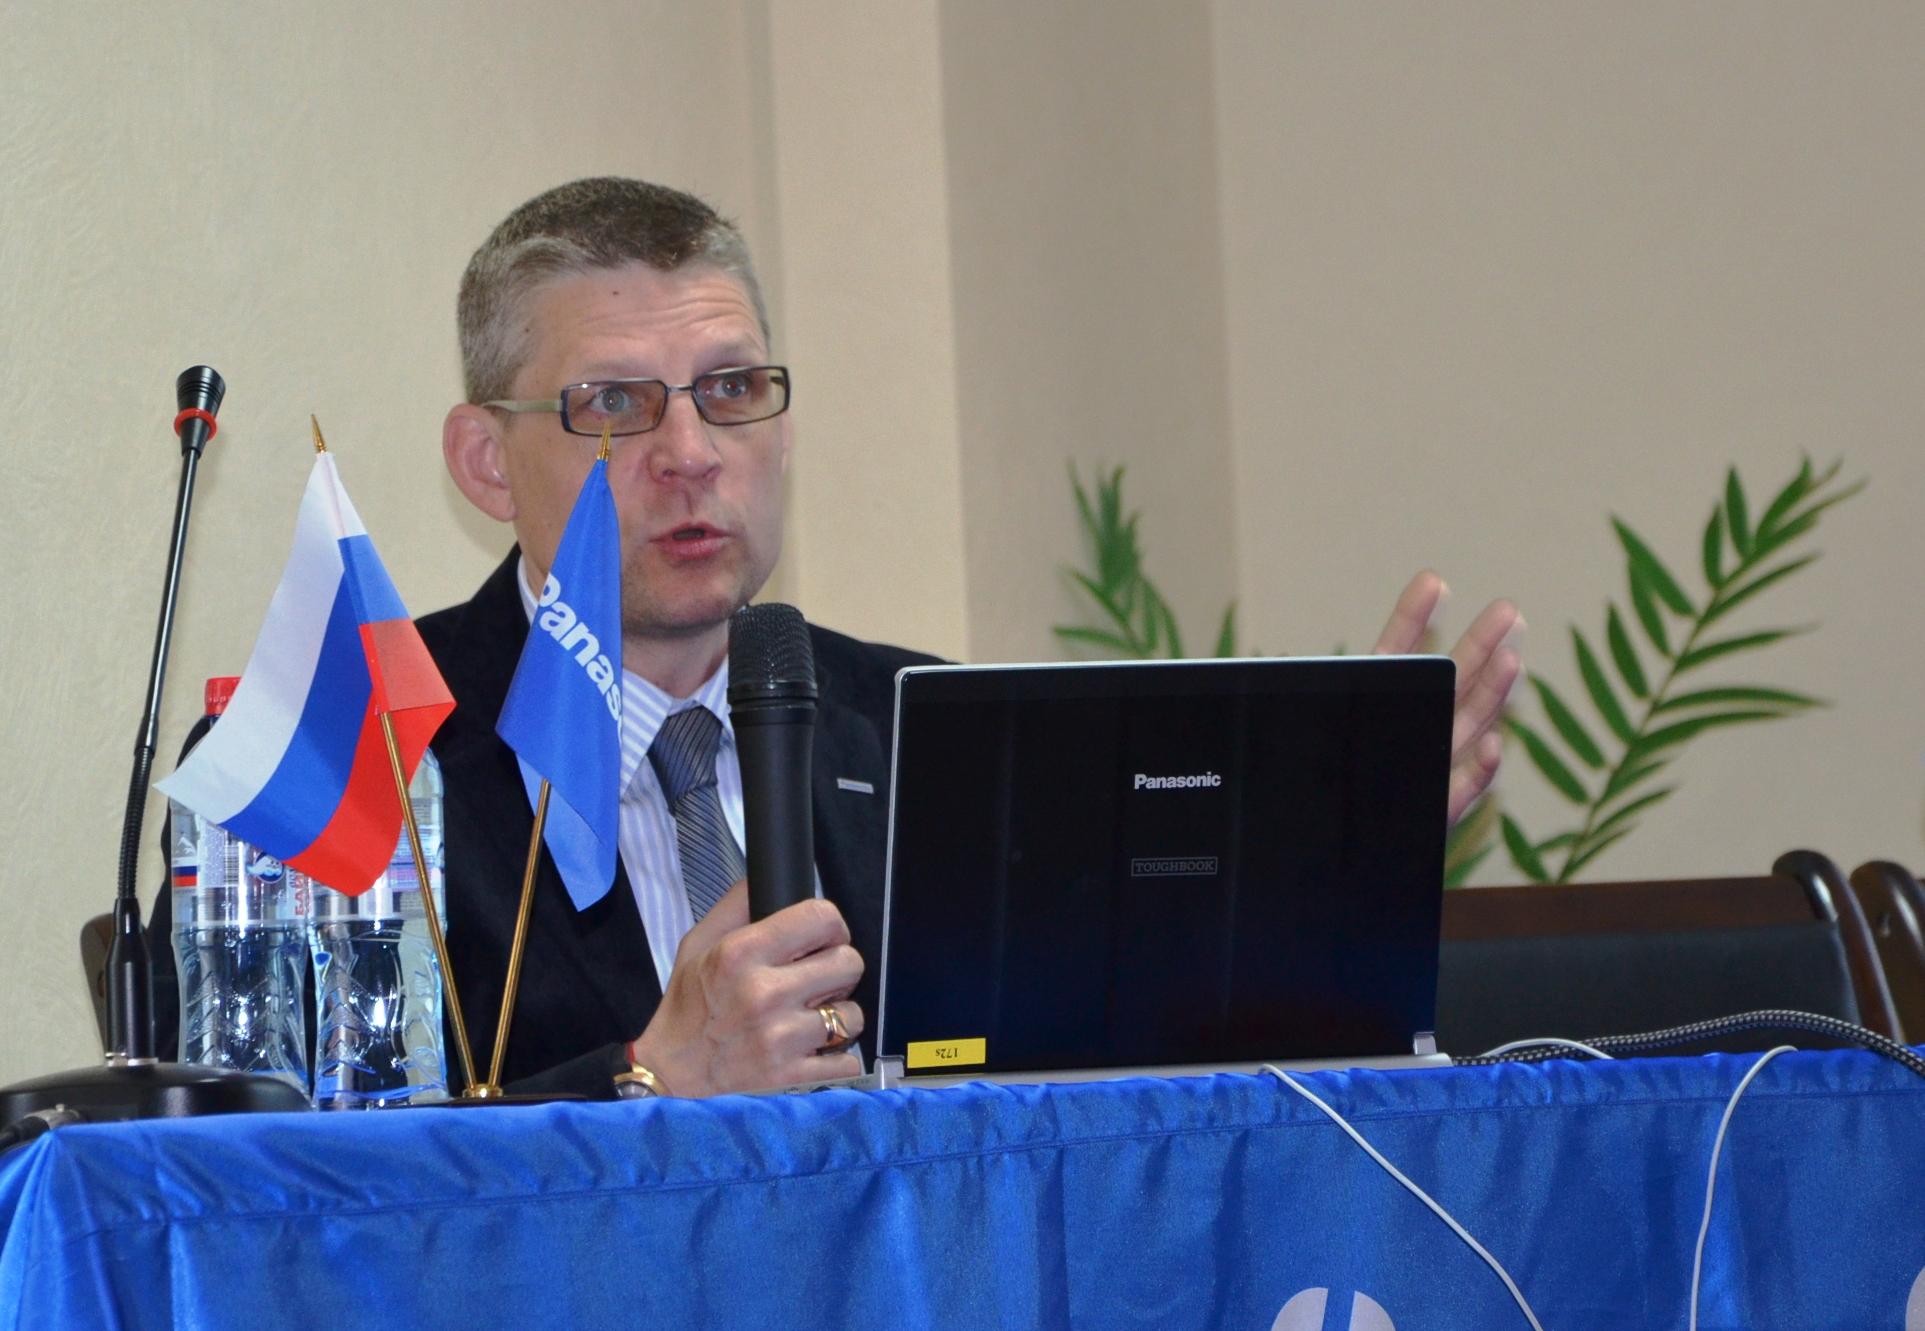 DSC 0104 Компания Panasonic провела партнерскую конференцию на Байкале